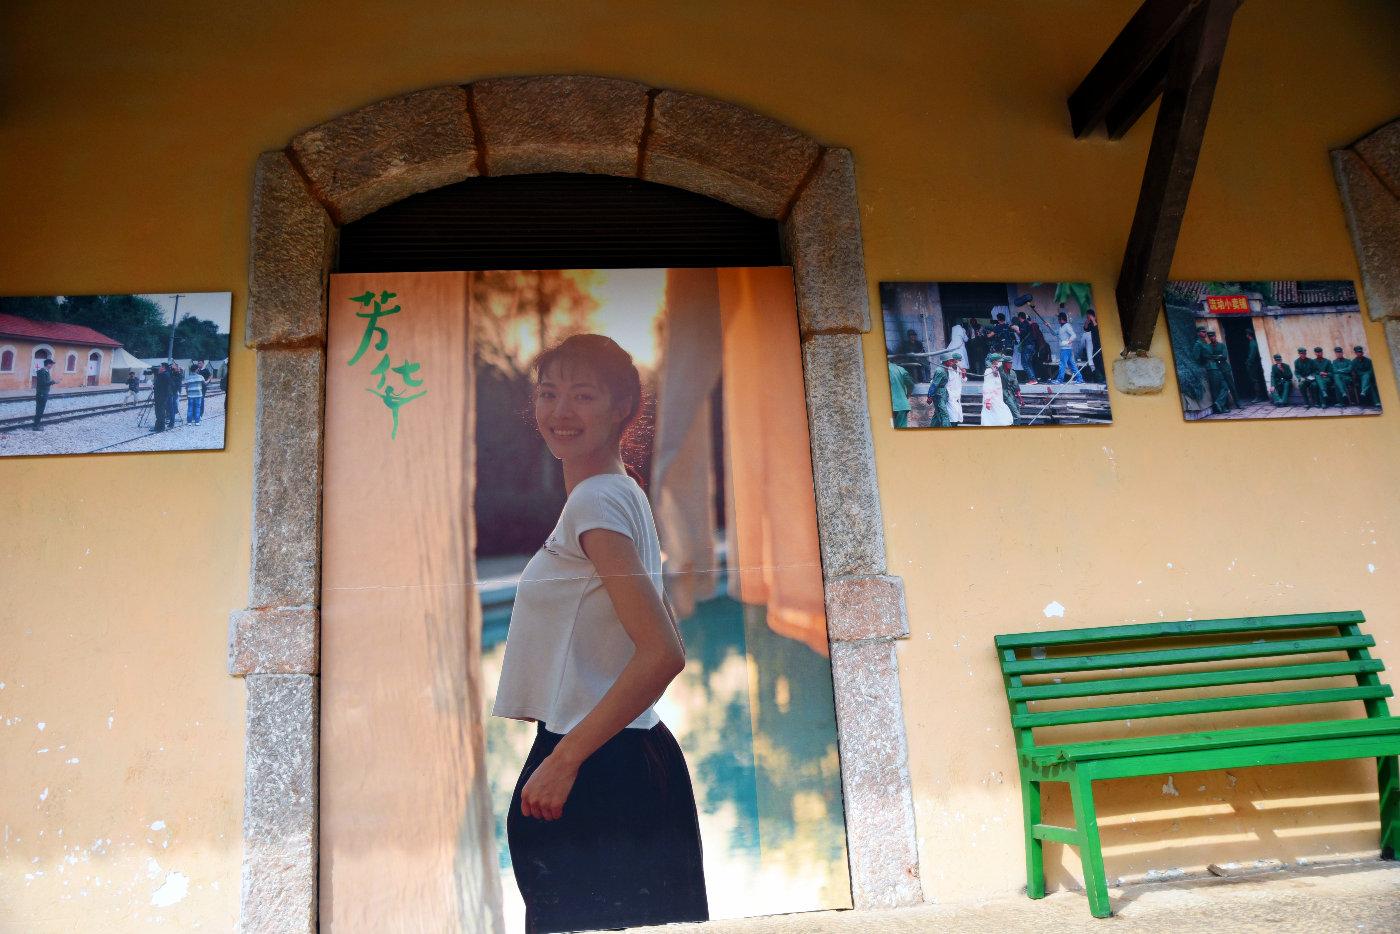 跟着电影《芳华》的取景点去旅行、走进美丽的碧色寨...